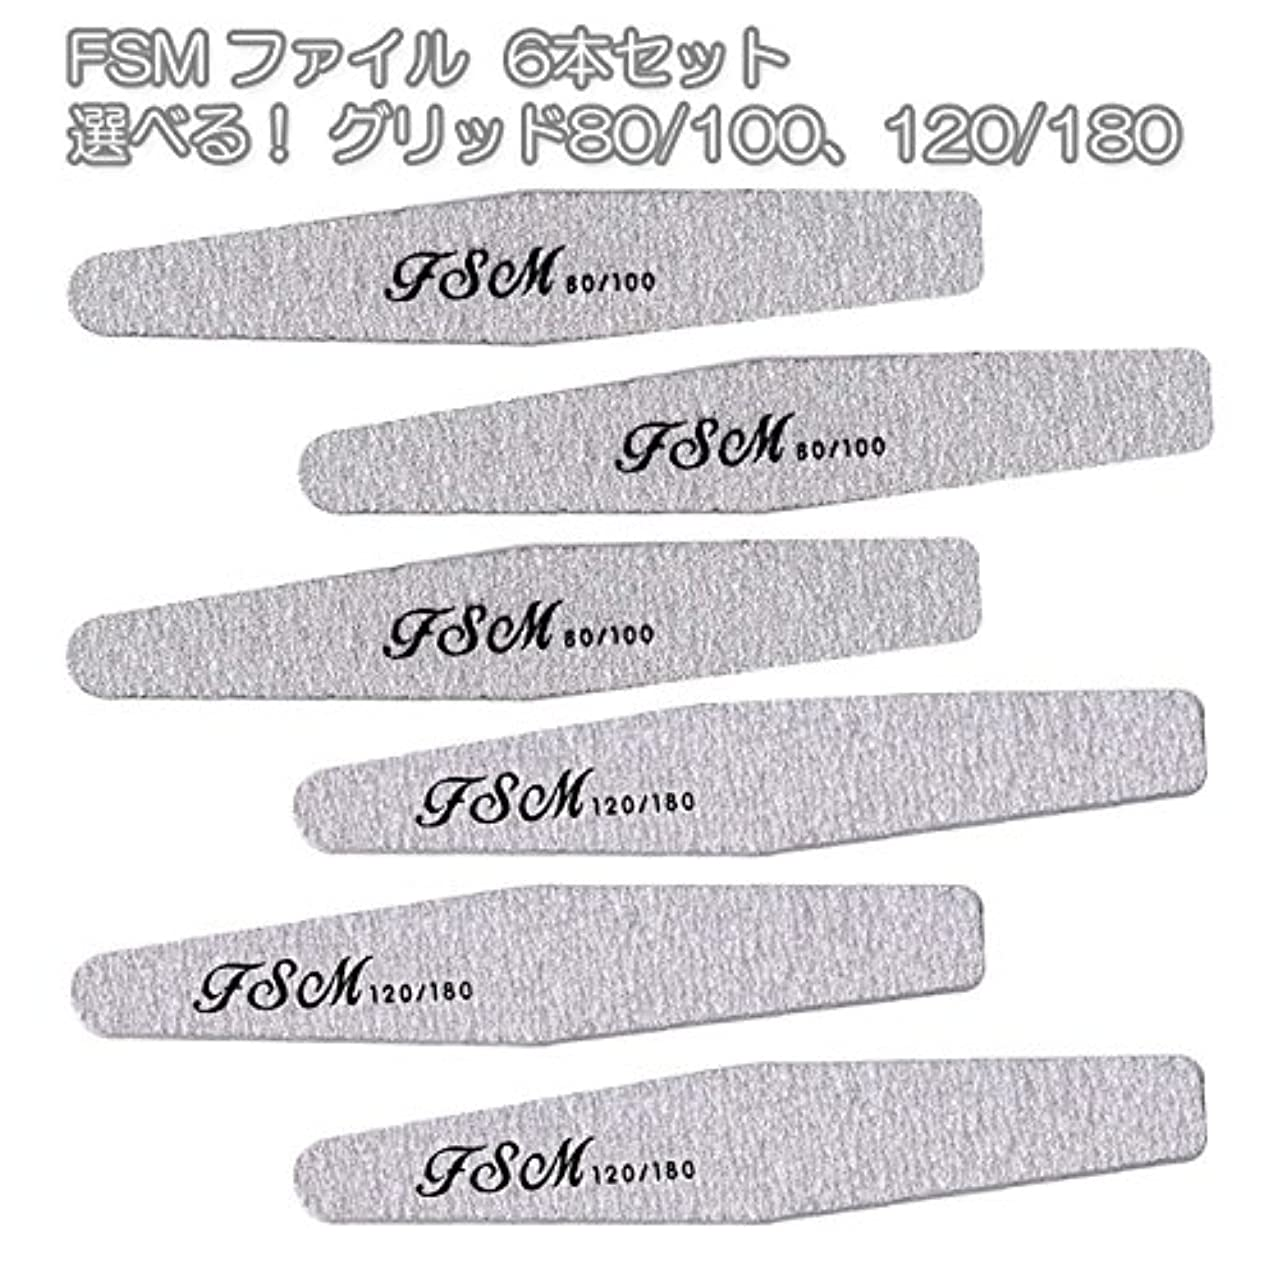 自発的彼女の販売計画FSM ネイルファイル/バッファー6本セット(選べる!グリッド80/100、120/180) (G80/100の6本)